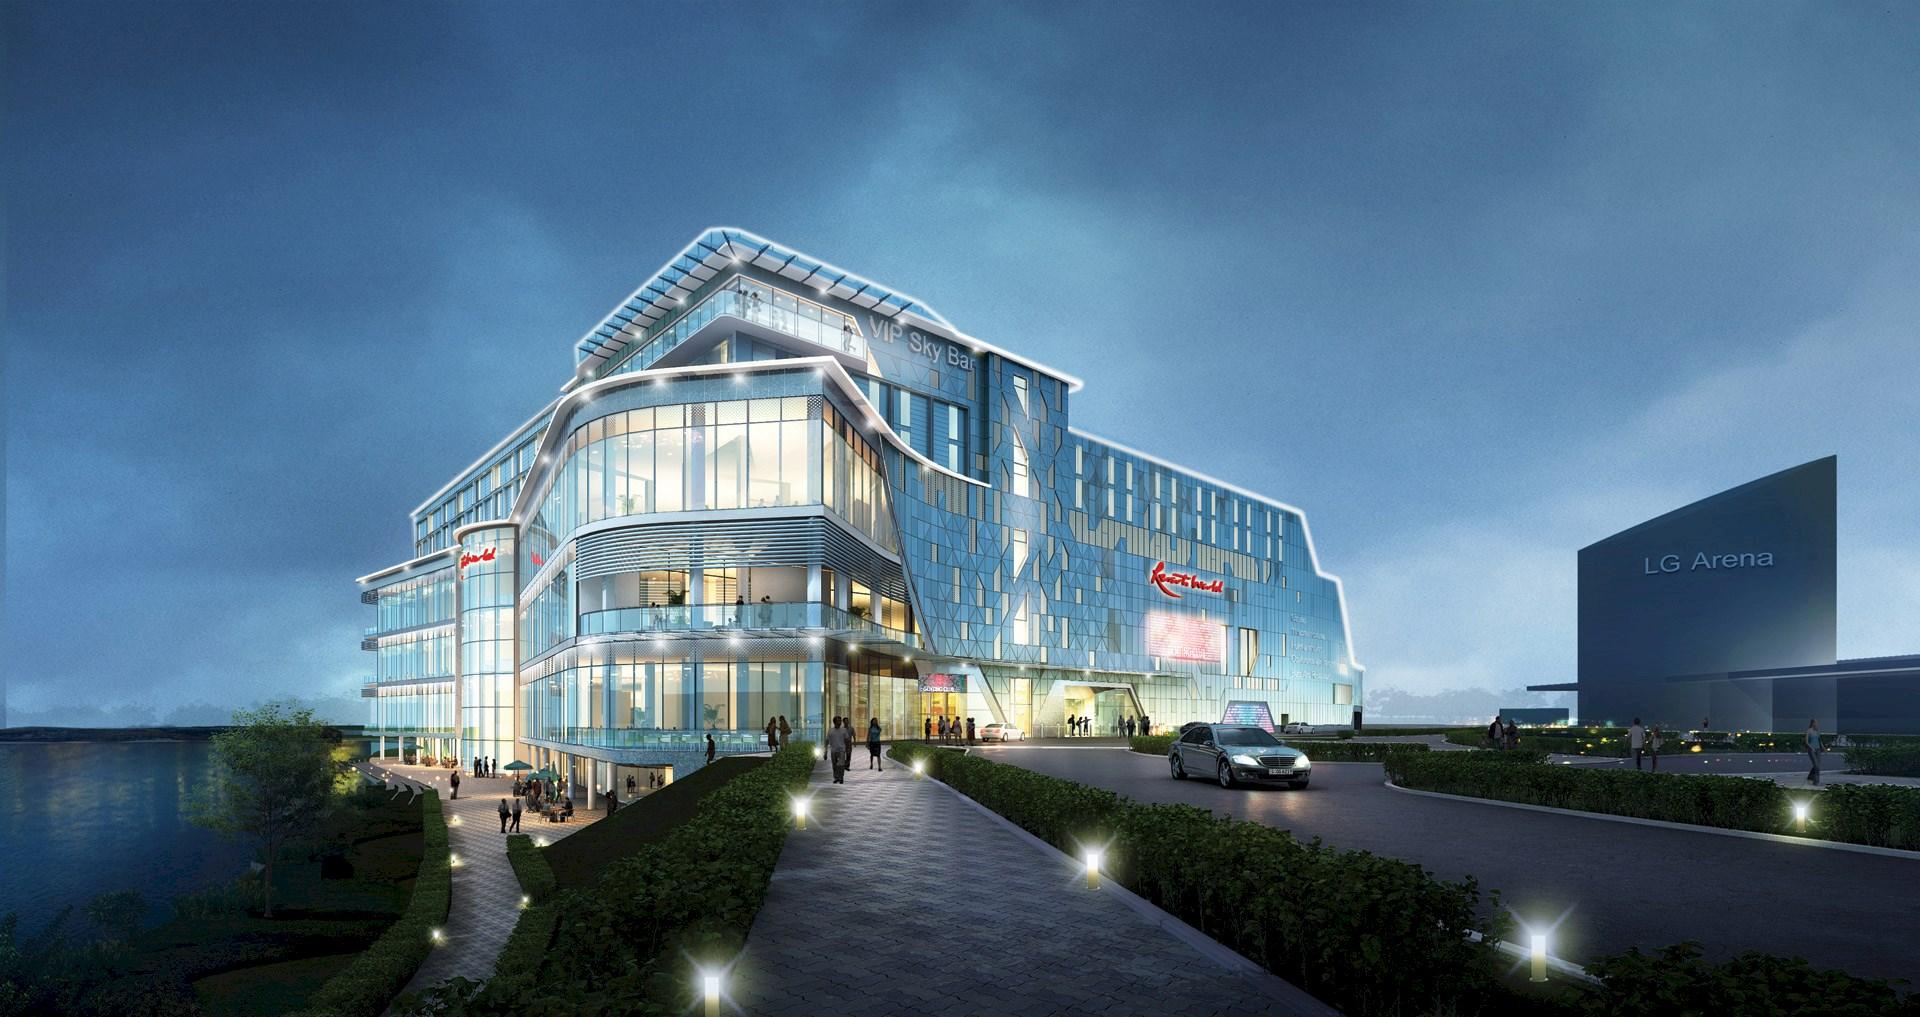 Resorts World at NEC